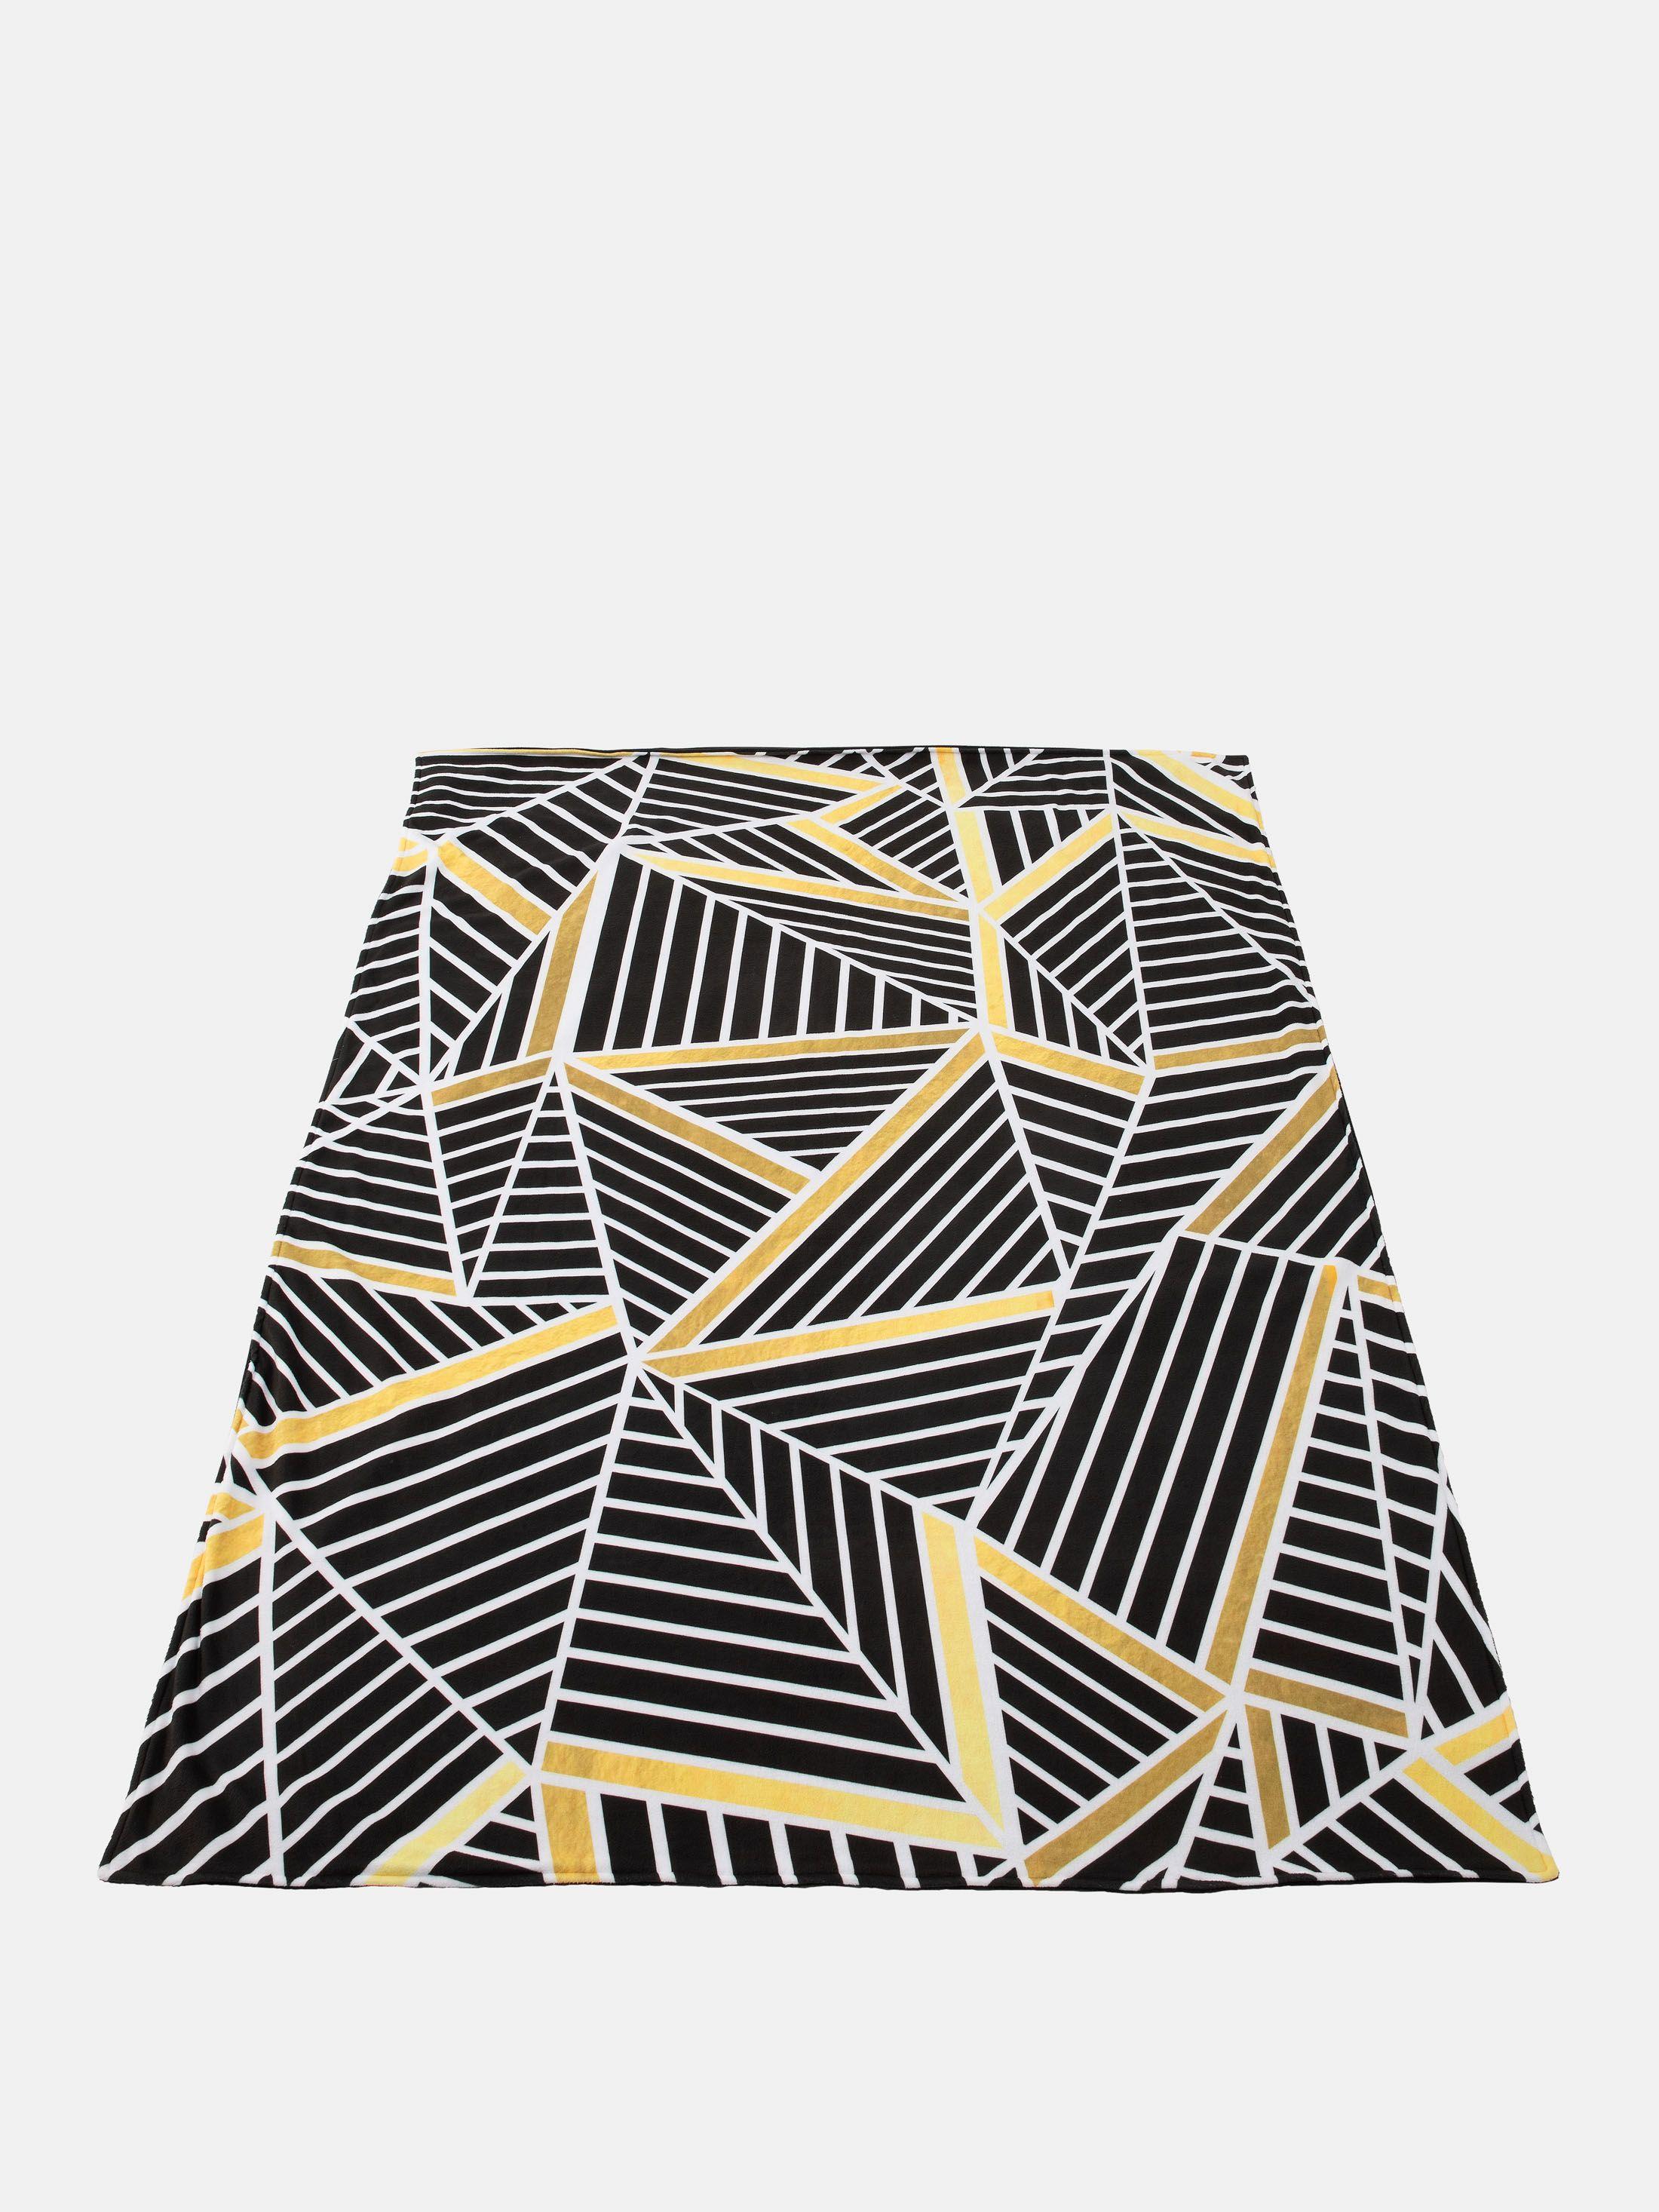 ontwerp jouw eigen deken